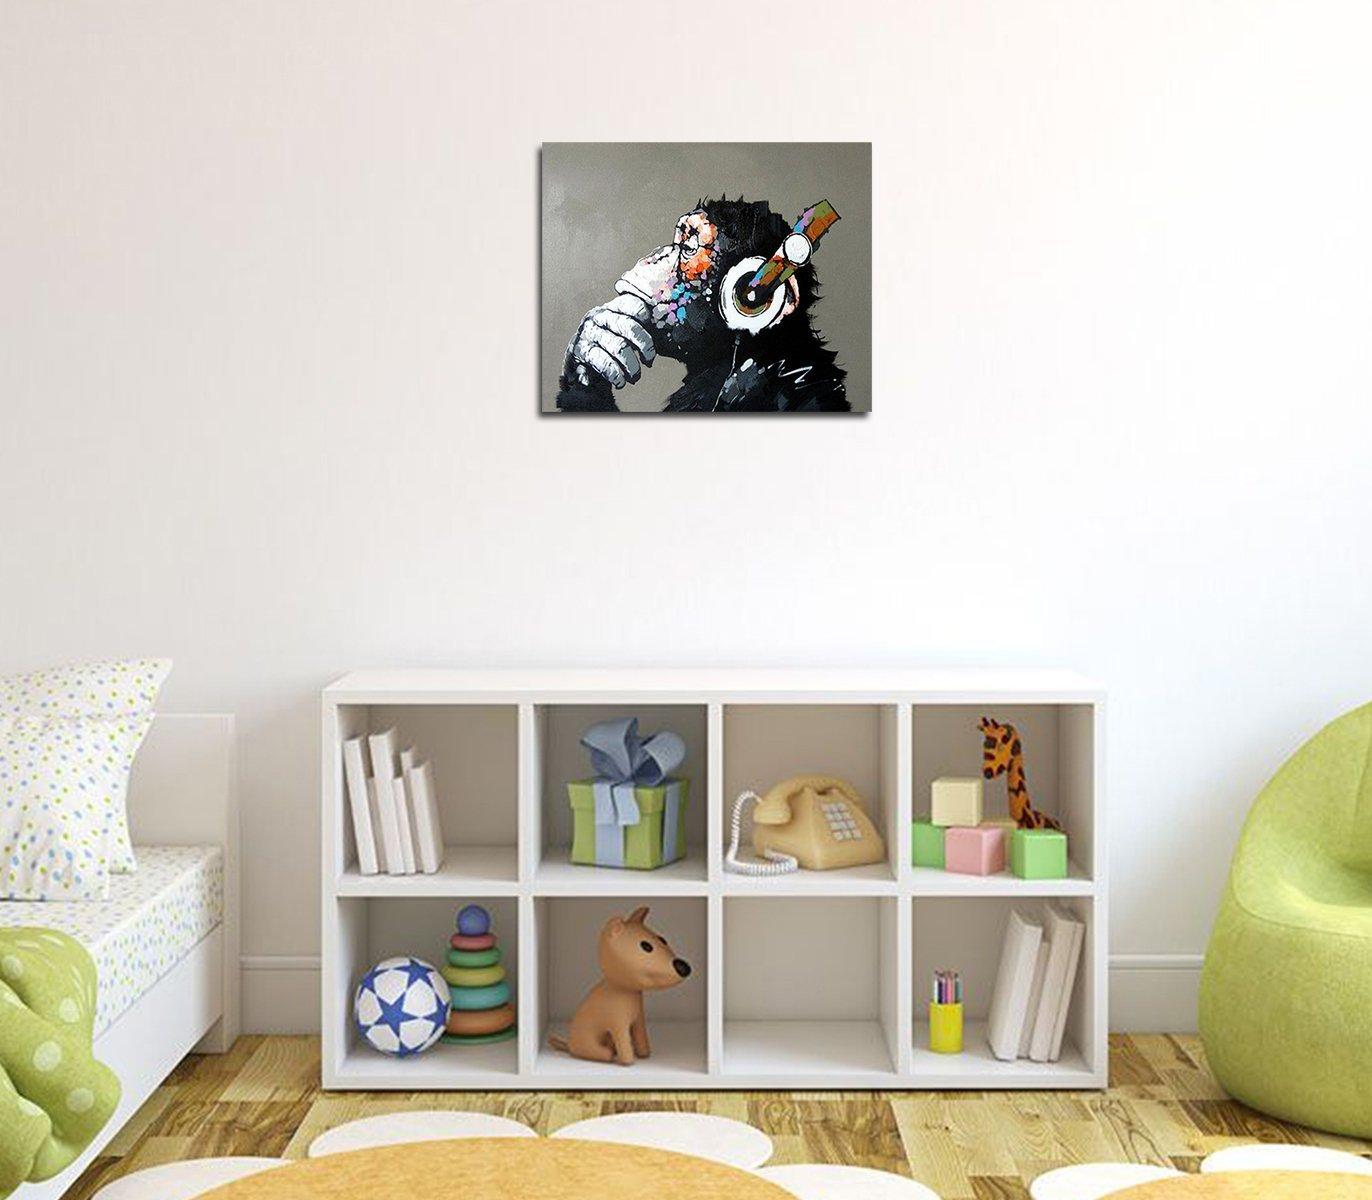 Fokenzary pintado a mano pintura lienzo Pop Art Cool Ape enmarcado listo para colgar fondo gris Size M 20x24in: Amazon.es: Hogar